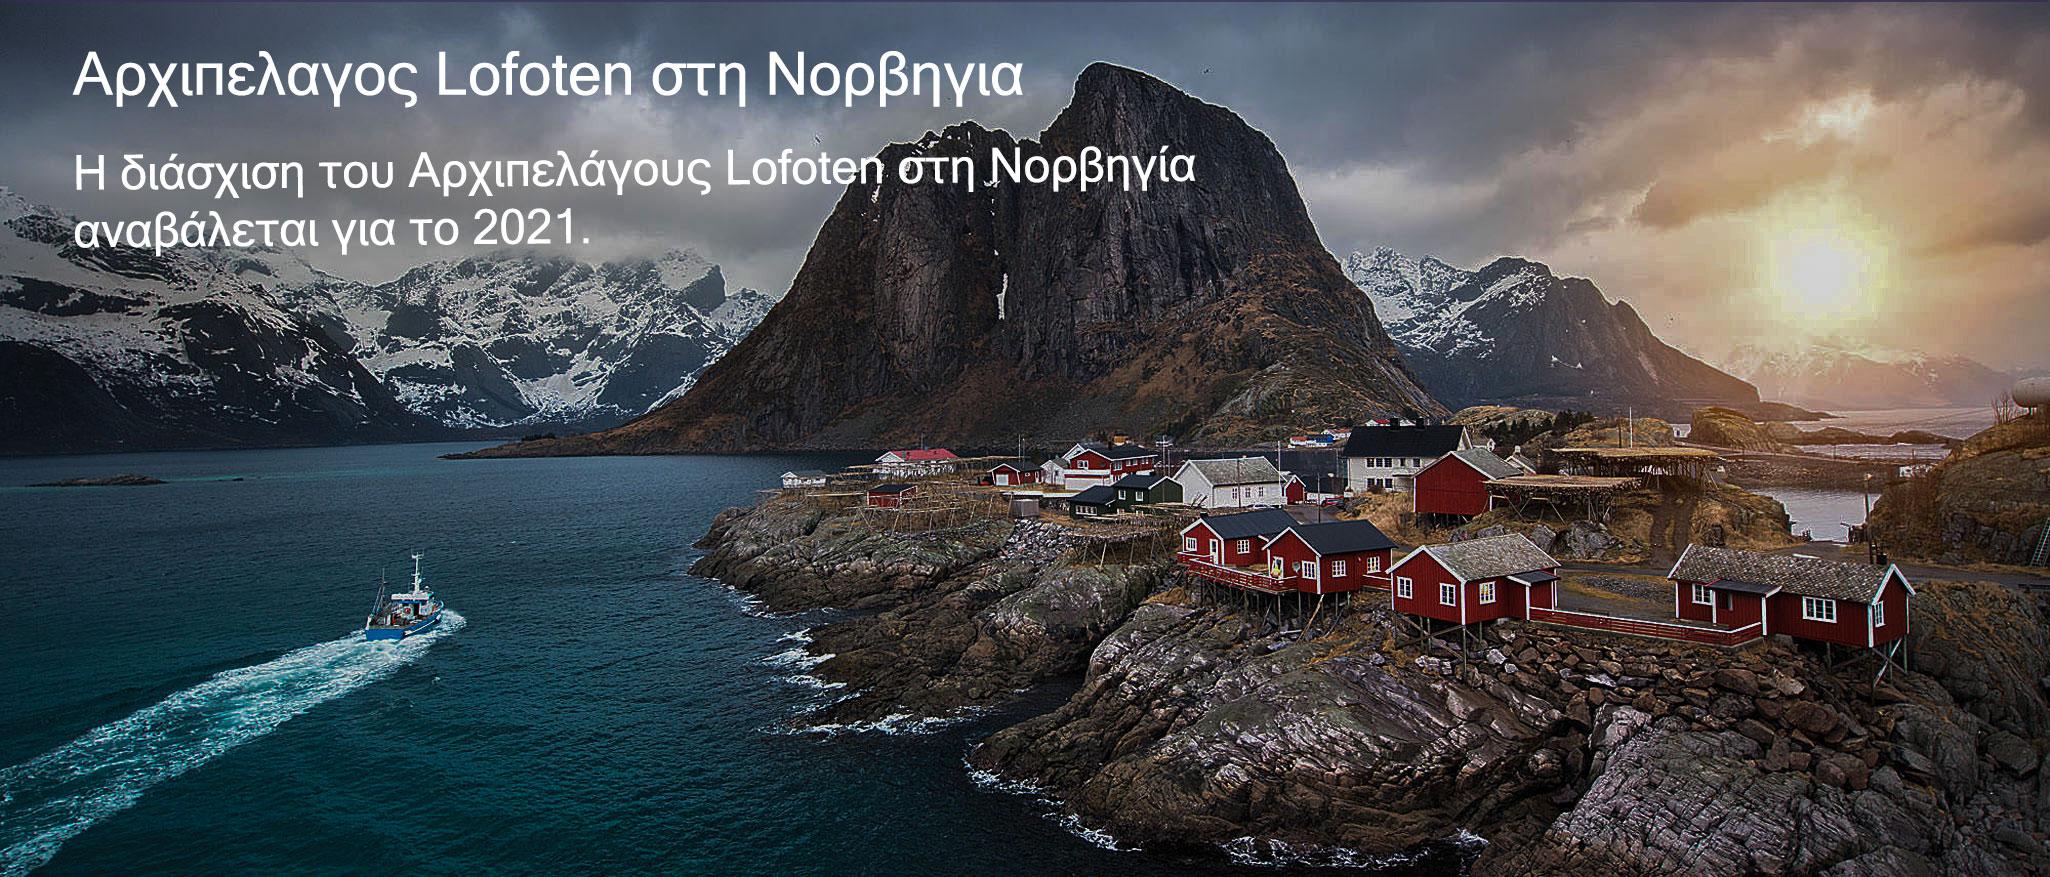 lofoten_slider_new